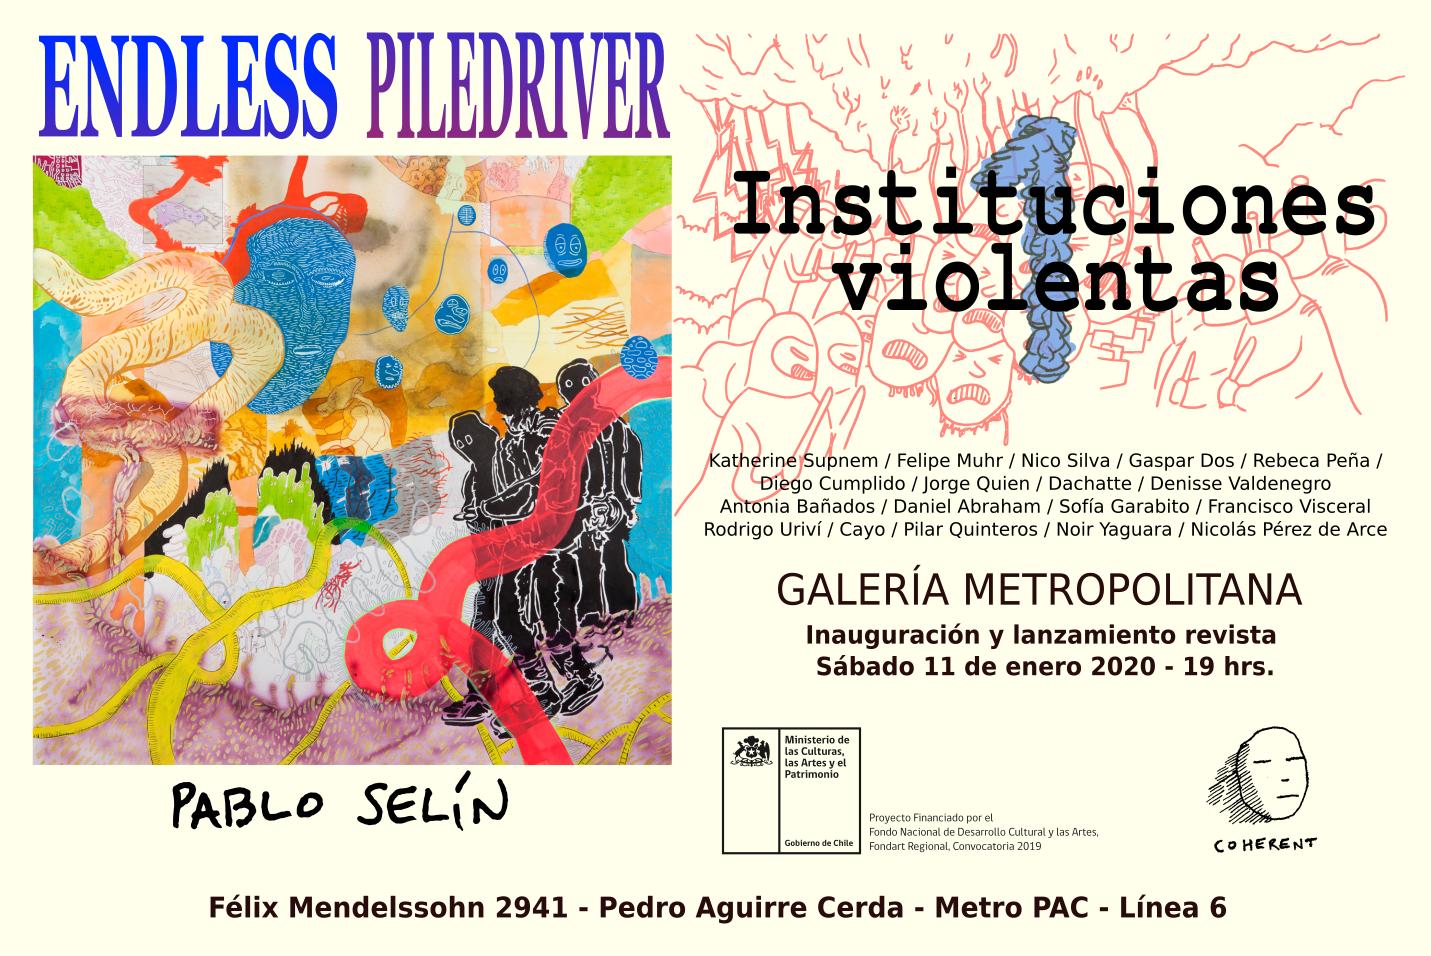 ENDLESS PILEDRIVER / INSTITUCIONES VIOLENTAS